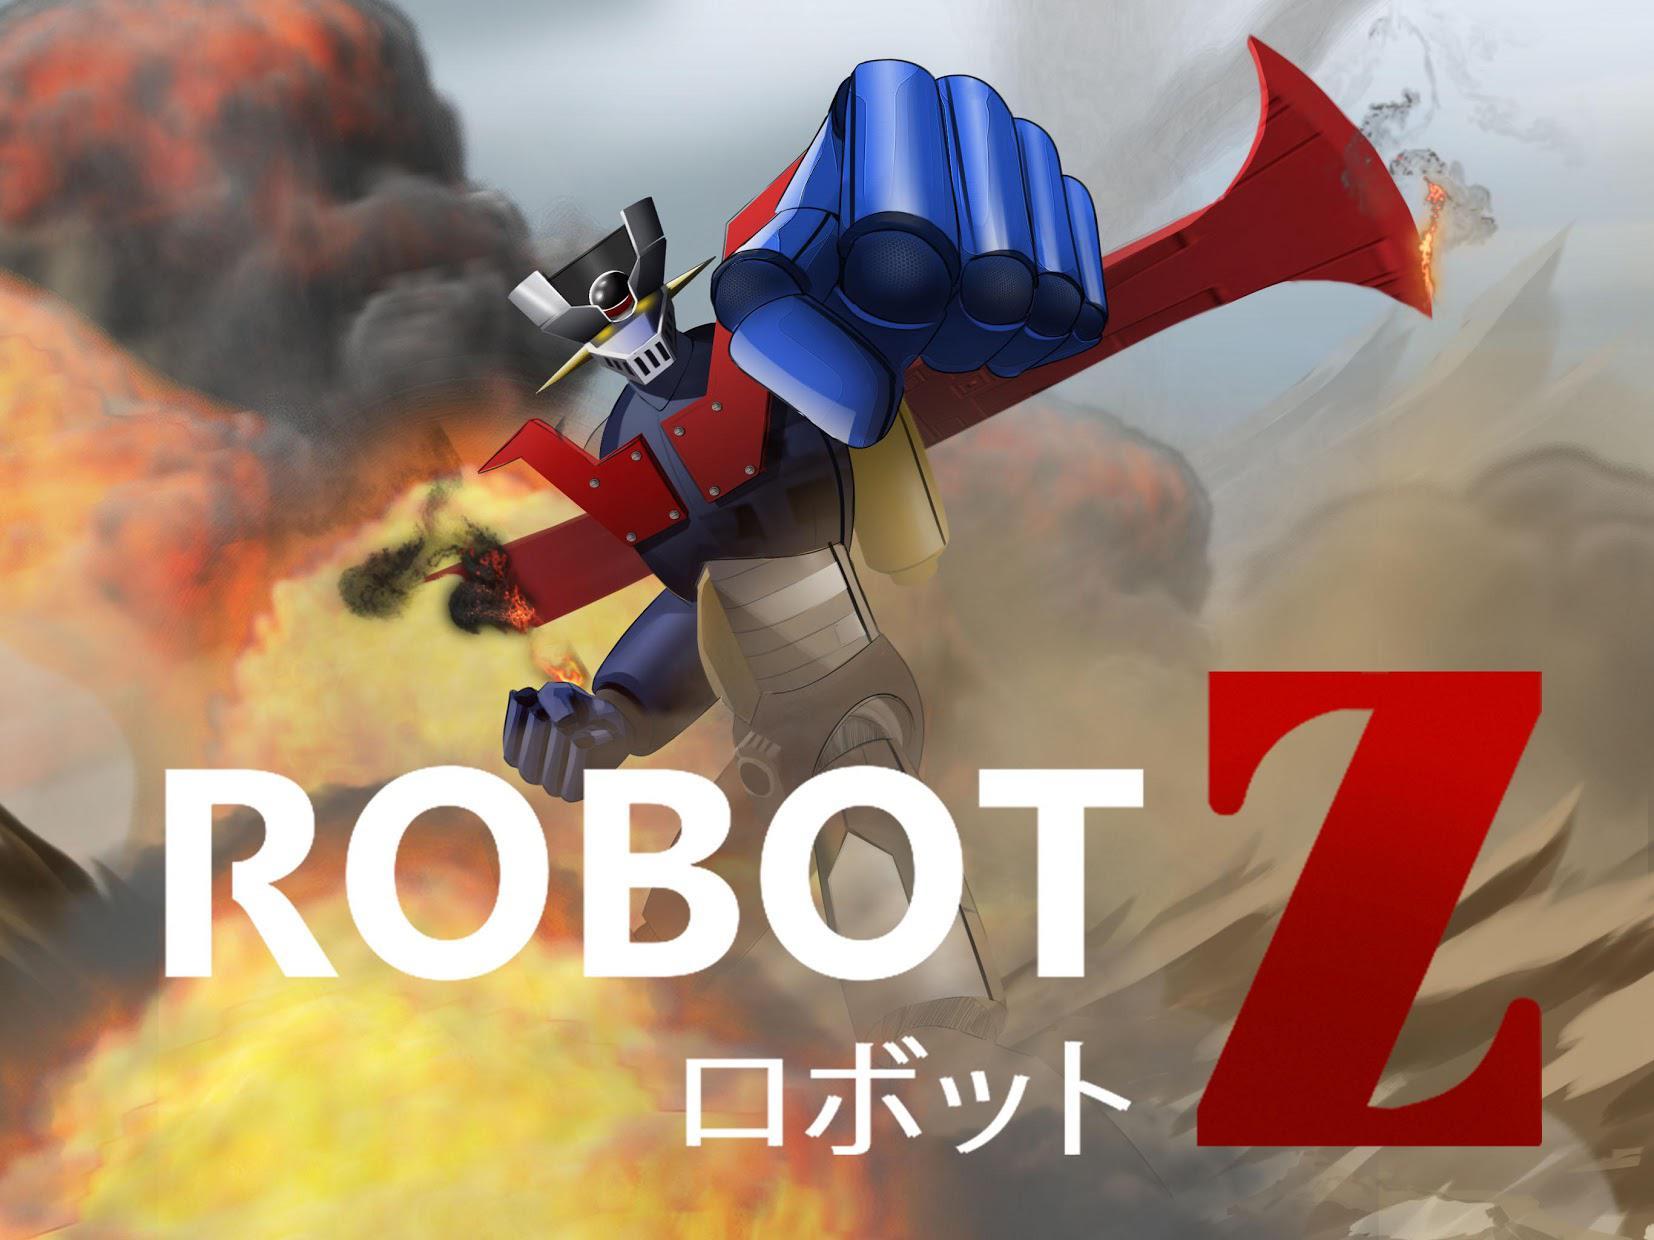 机器人ž - 绘制道路线救市 游戏截图5